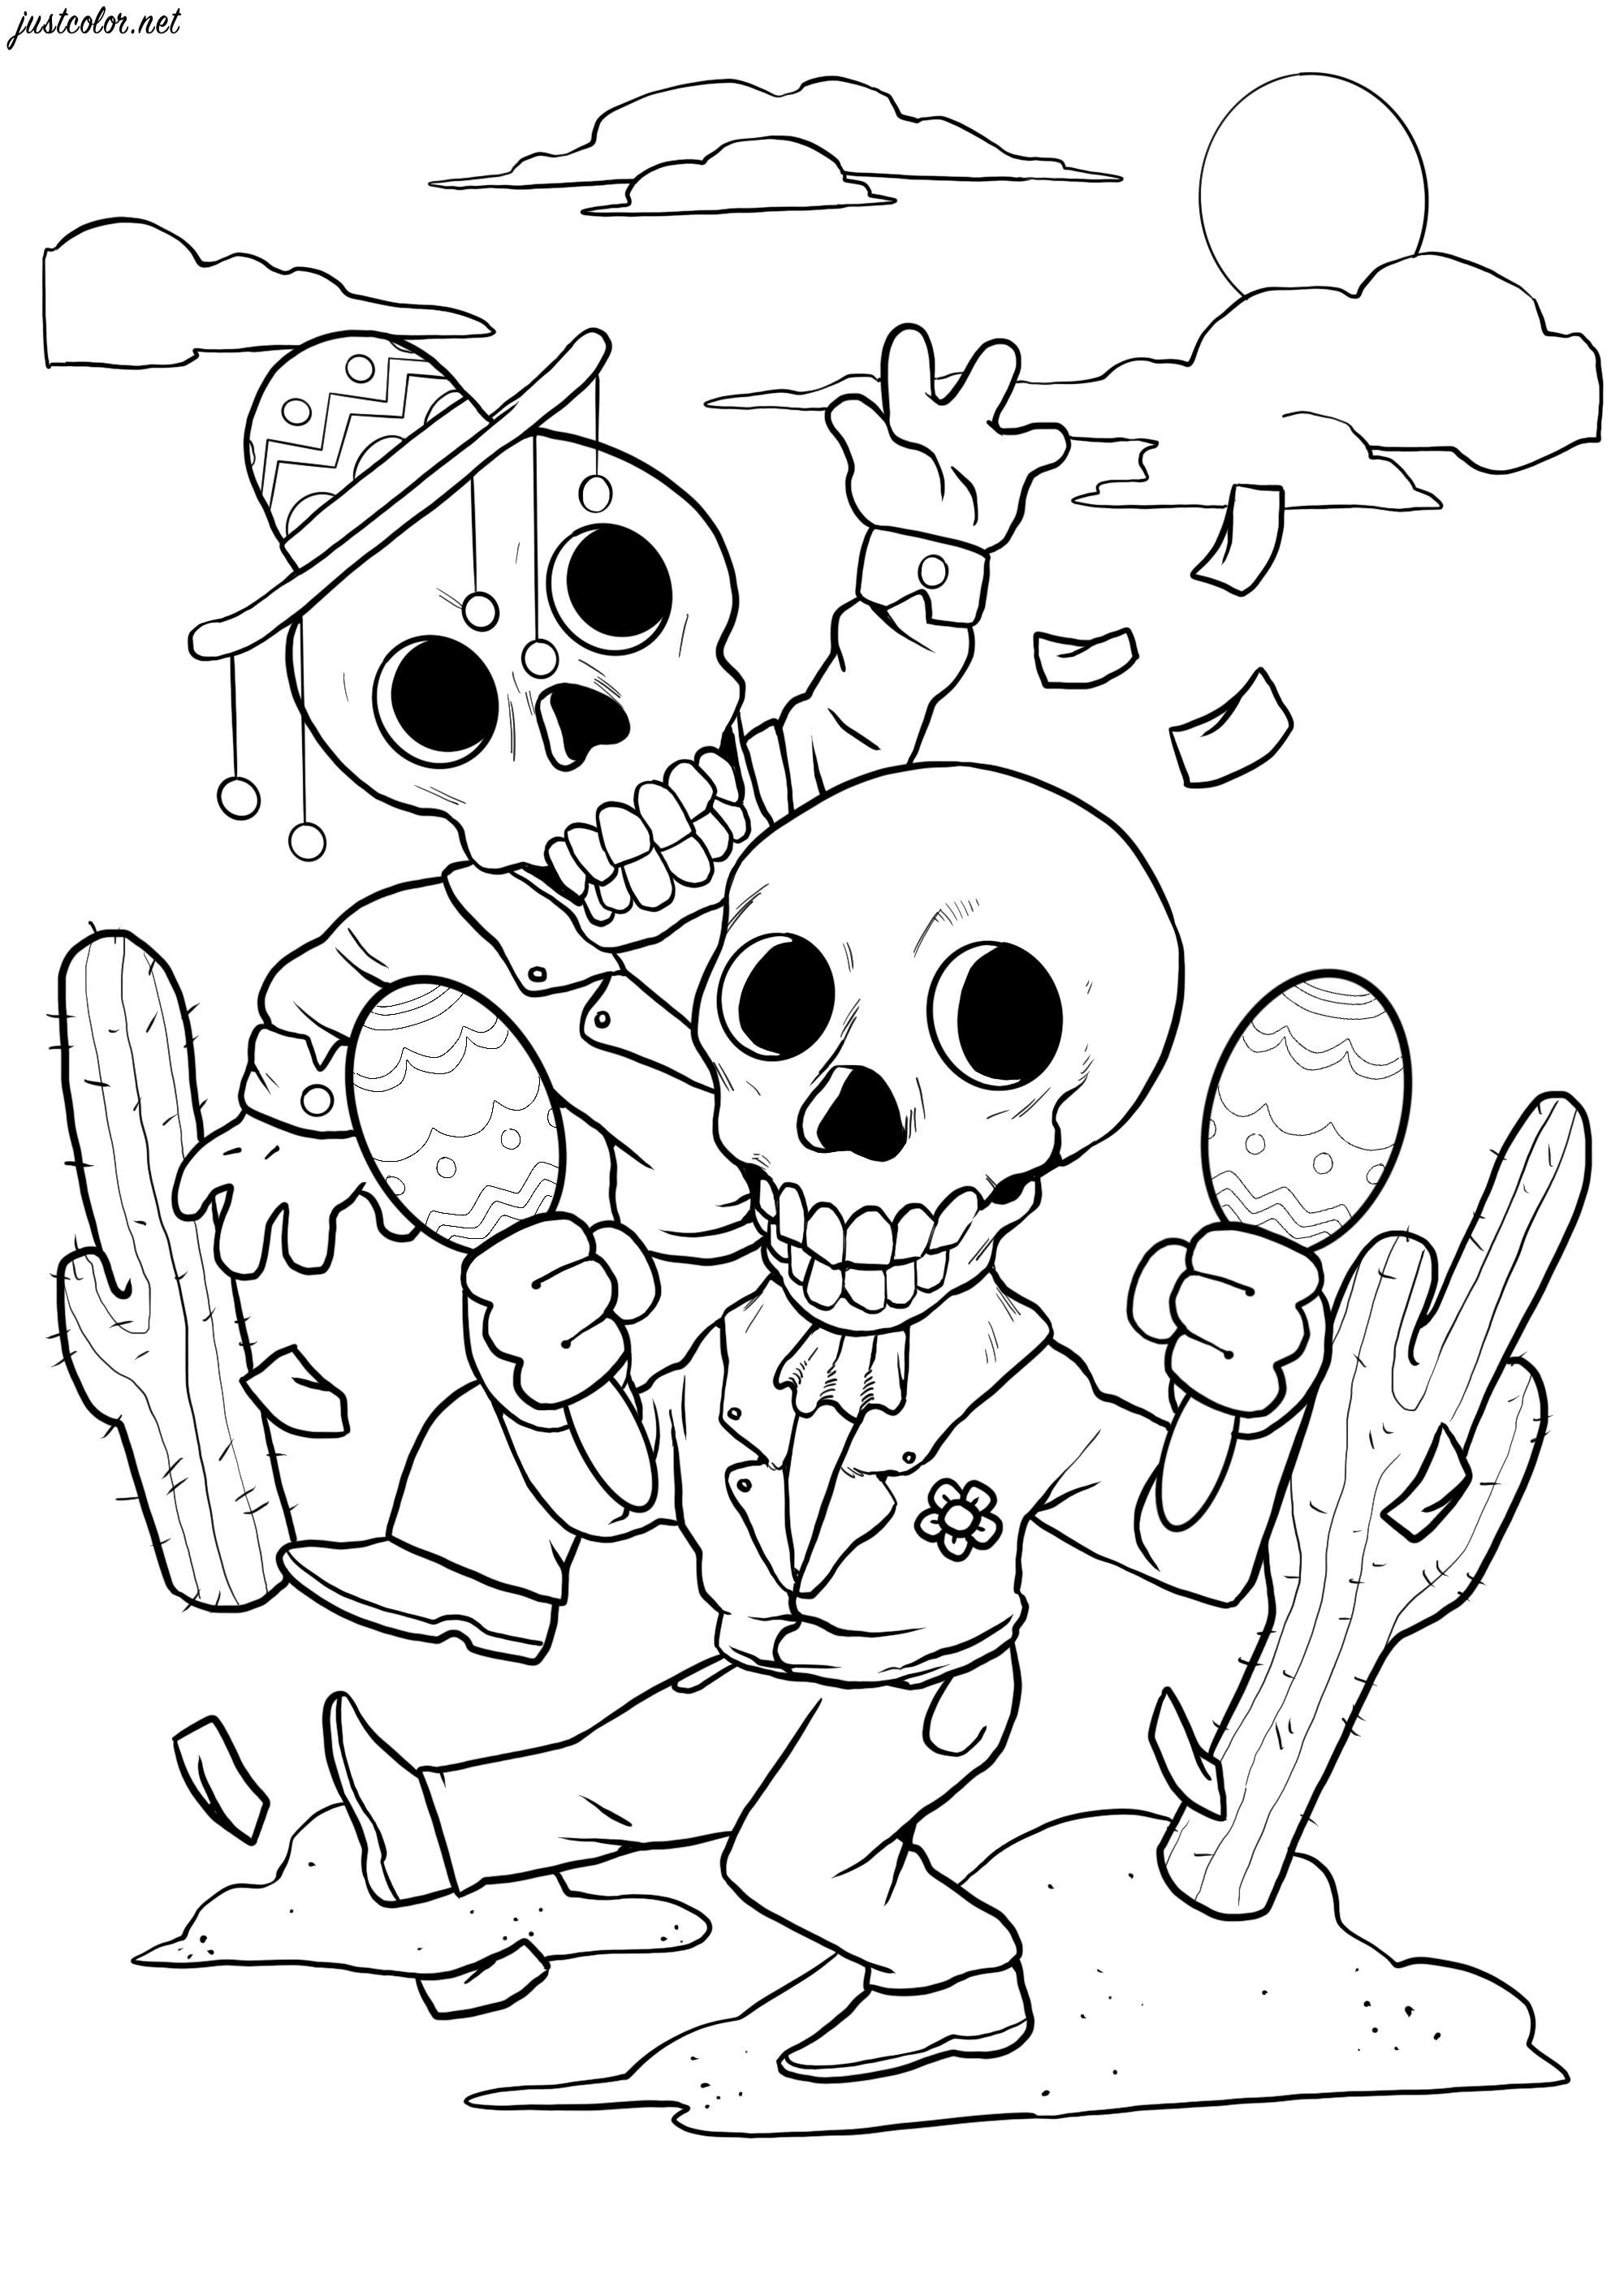 Ces deux joyeux squelettes dansent pour El Día de los Muertos